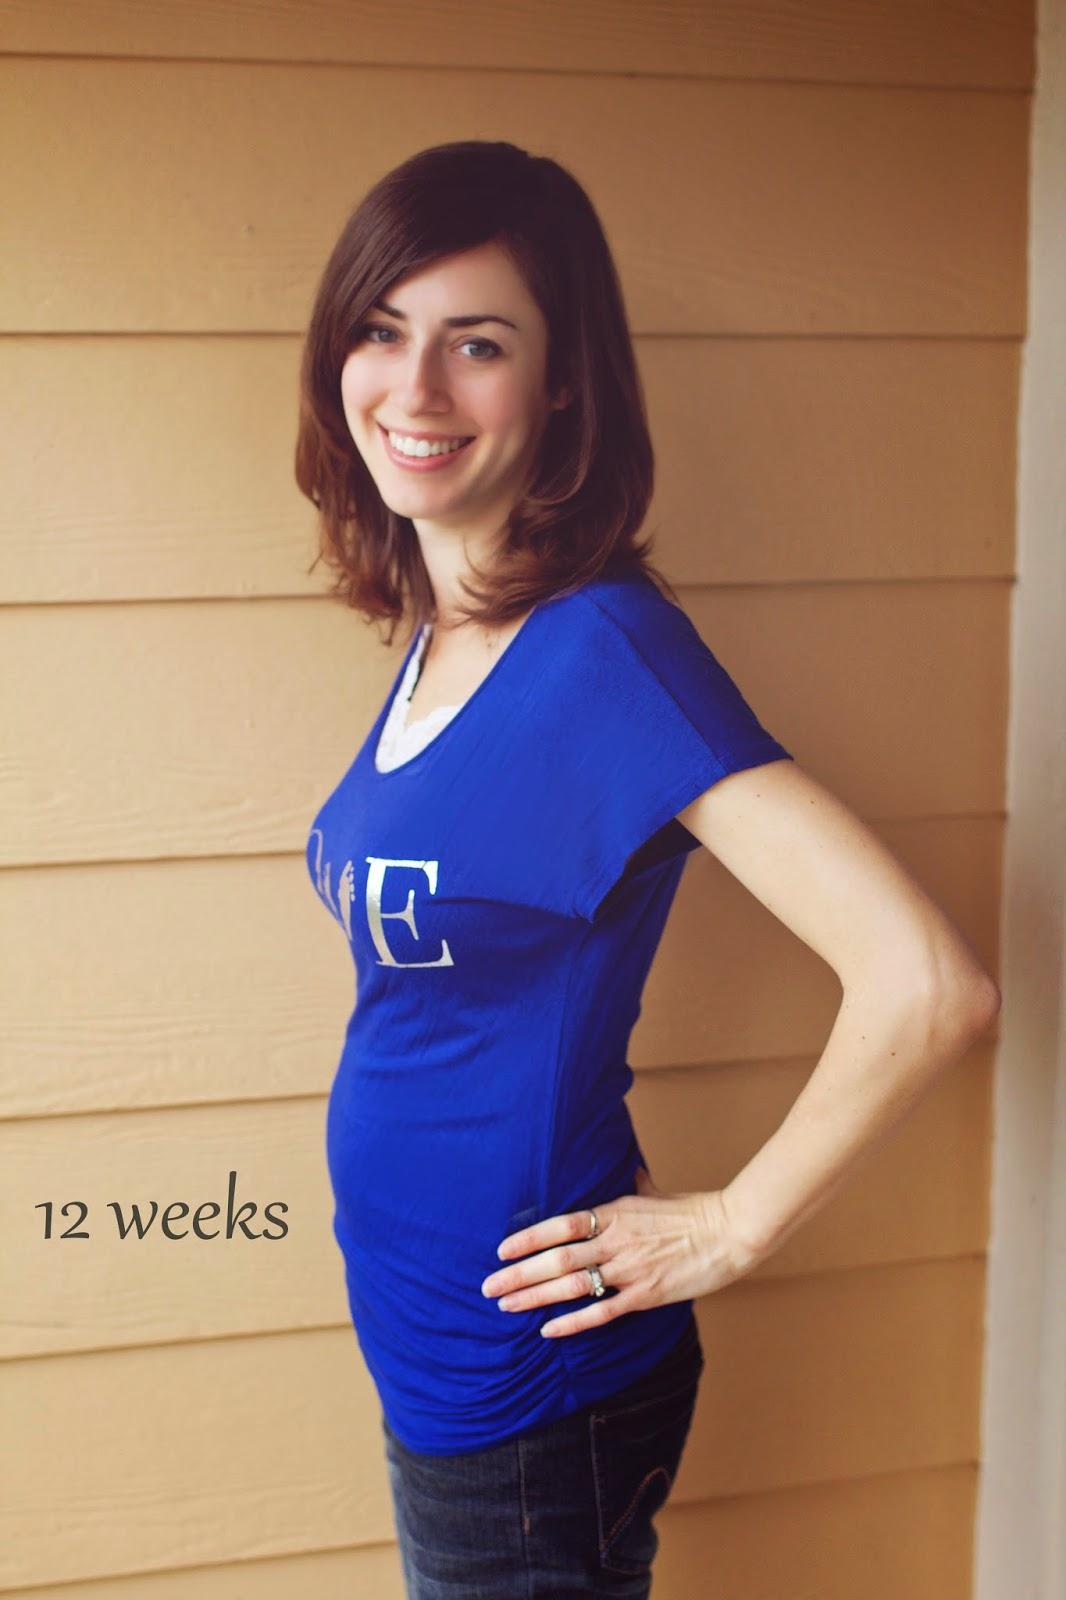 Danielle Dail: 12 Weeks Pregnant!